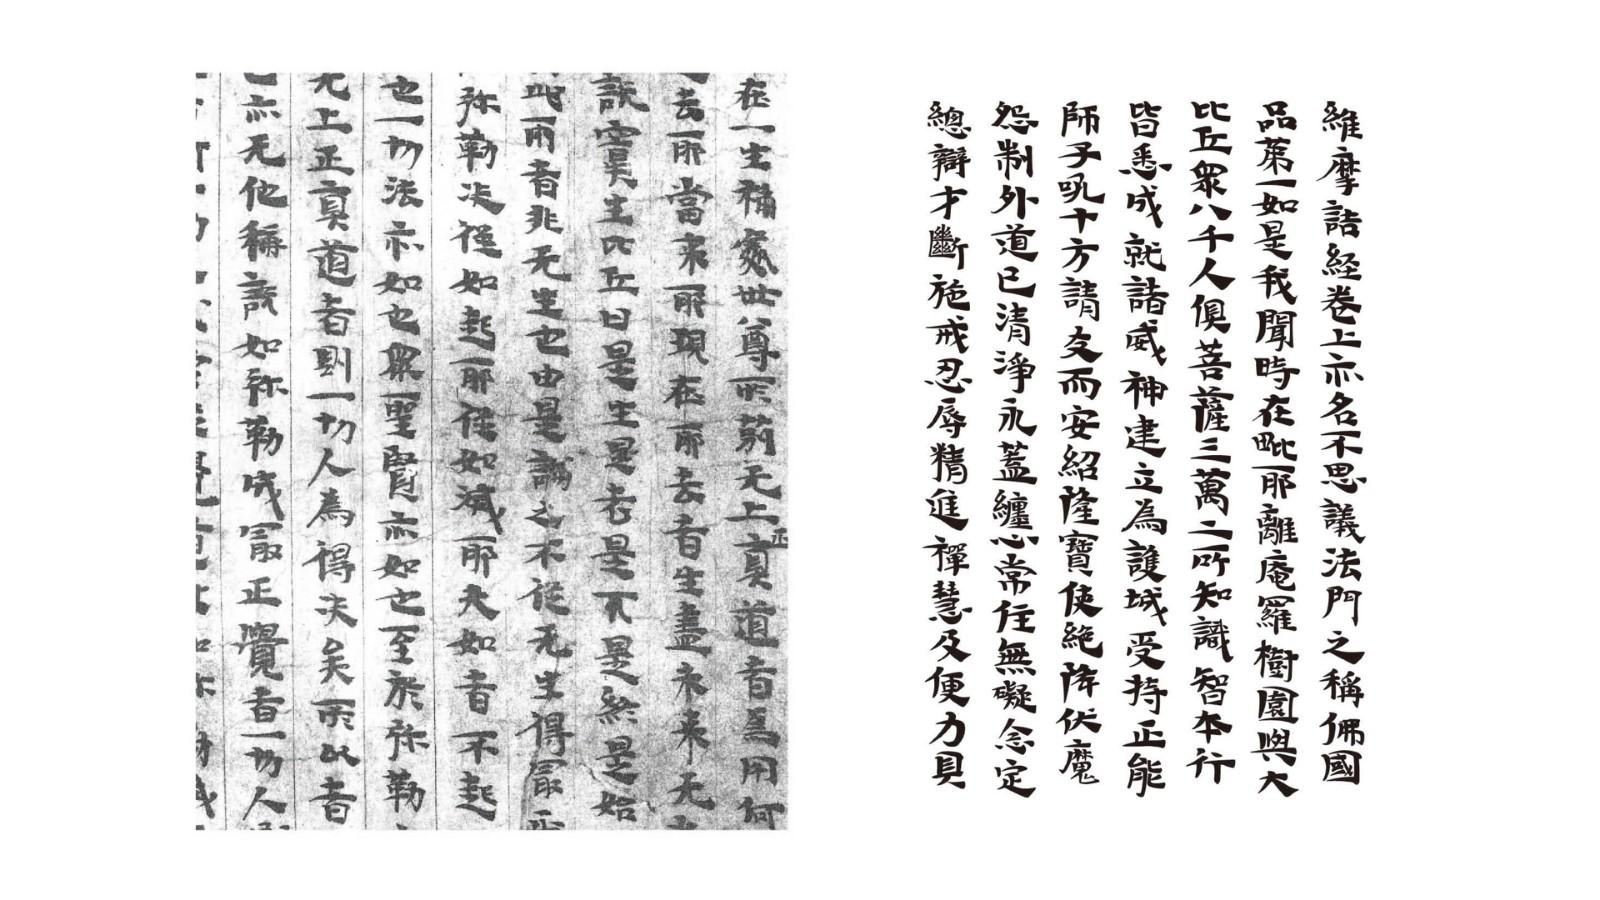 https://ft-bk1.oss-cn-zhangjiakou.aliyuncs.com/Public/Uploads/img/n_content_20201210105030_2122.jpeg